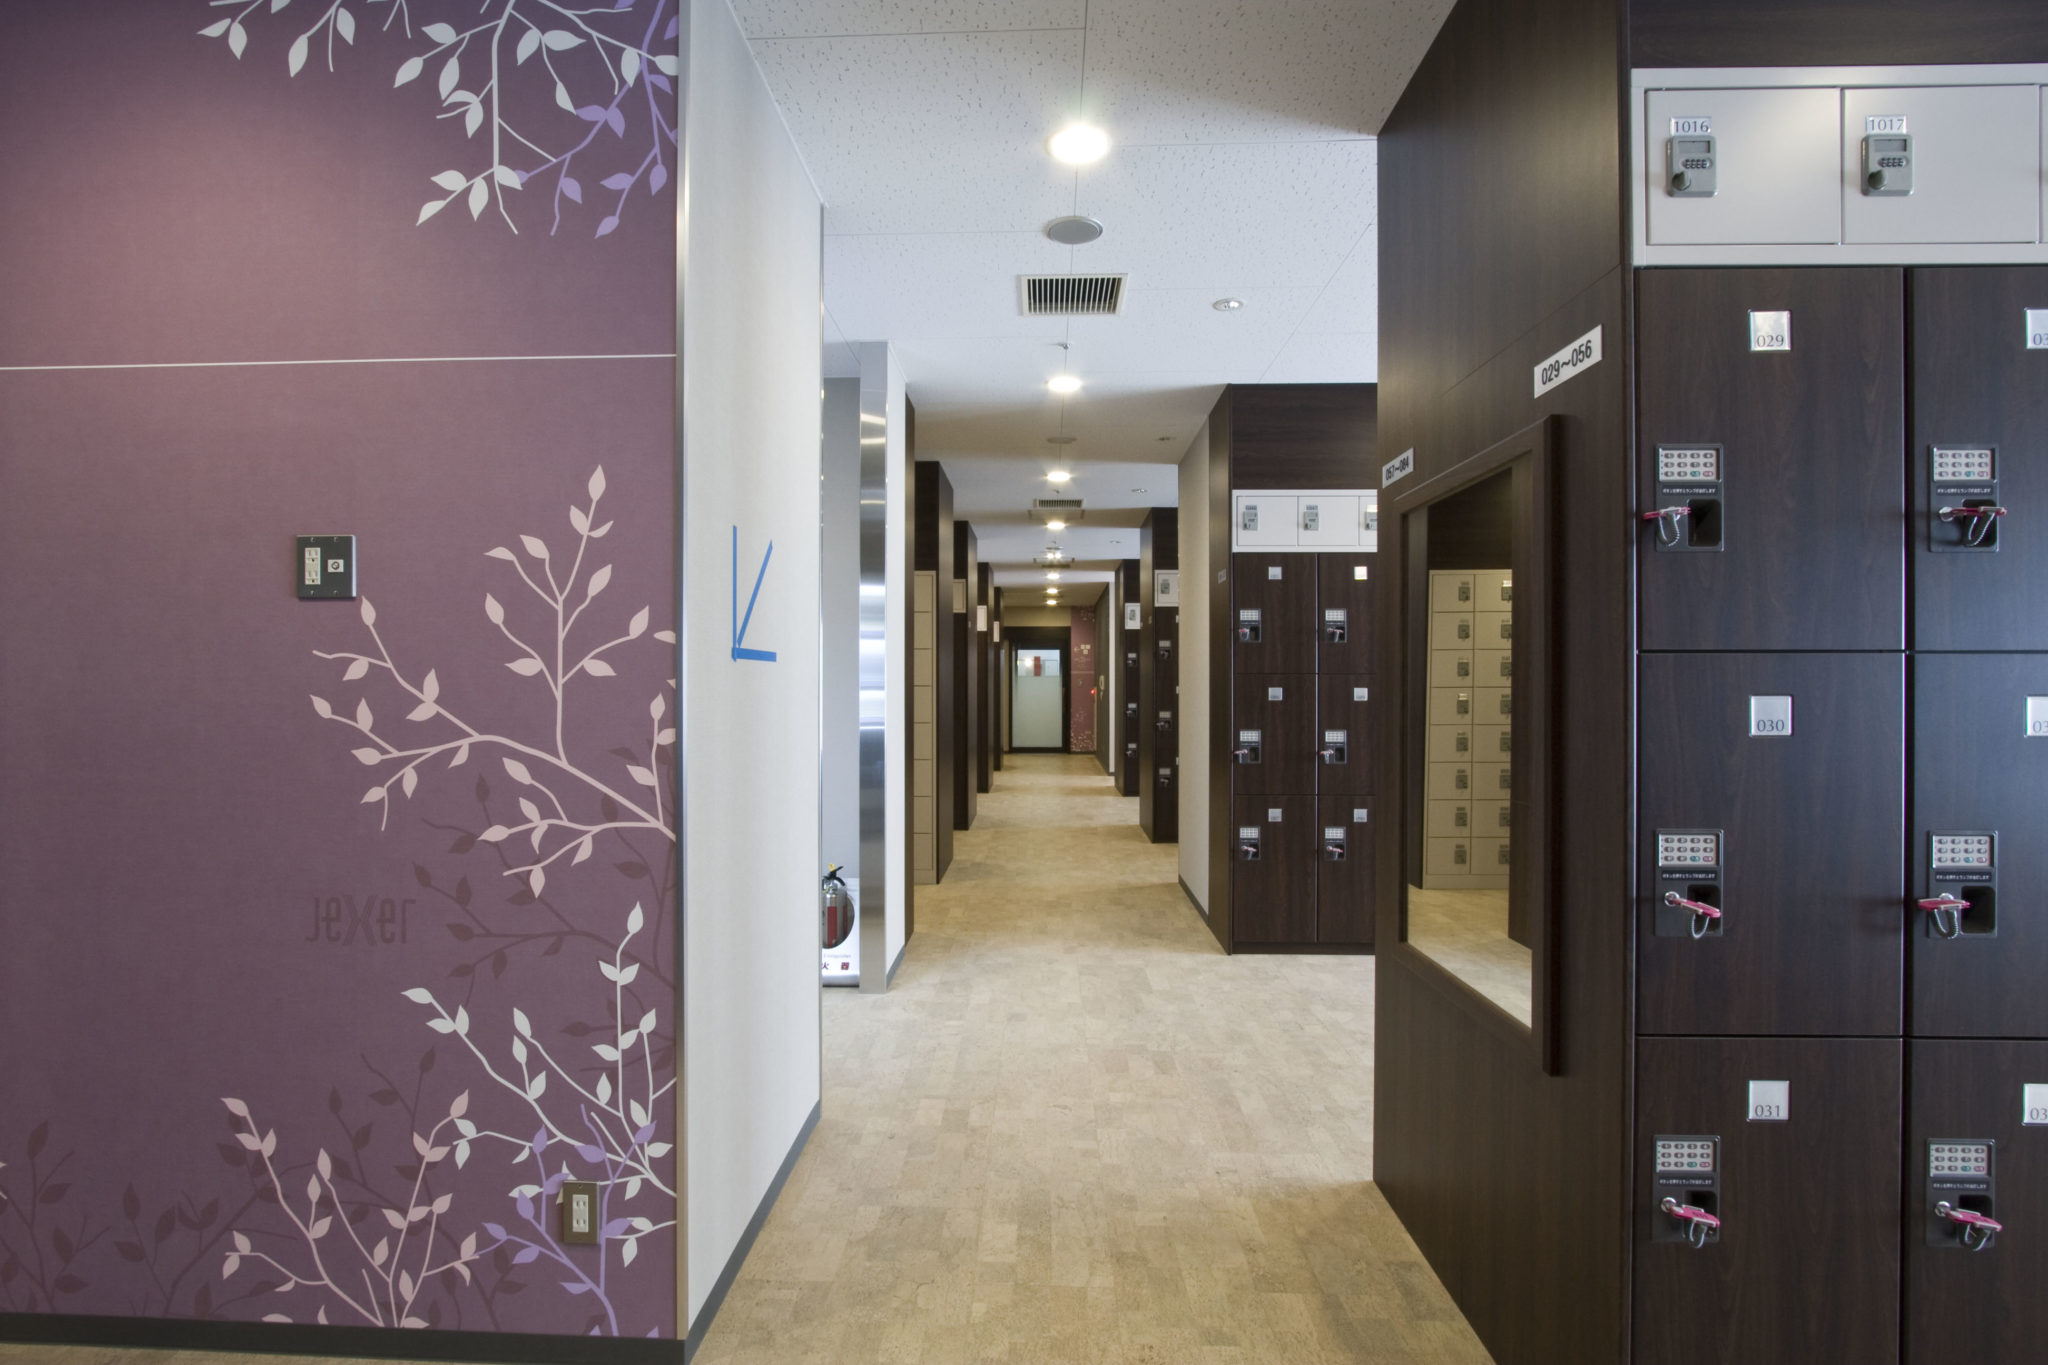 Locker room lockers